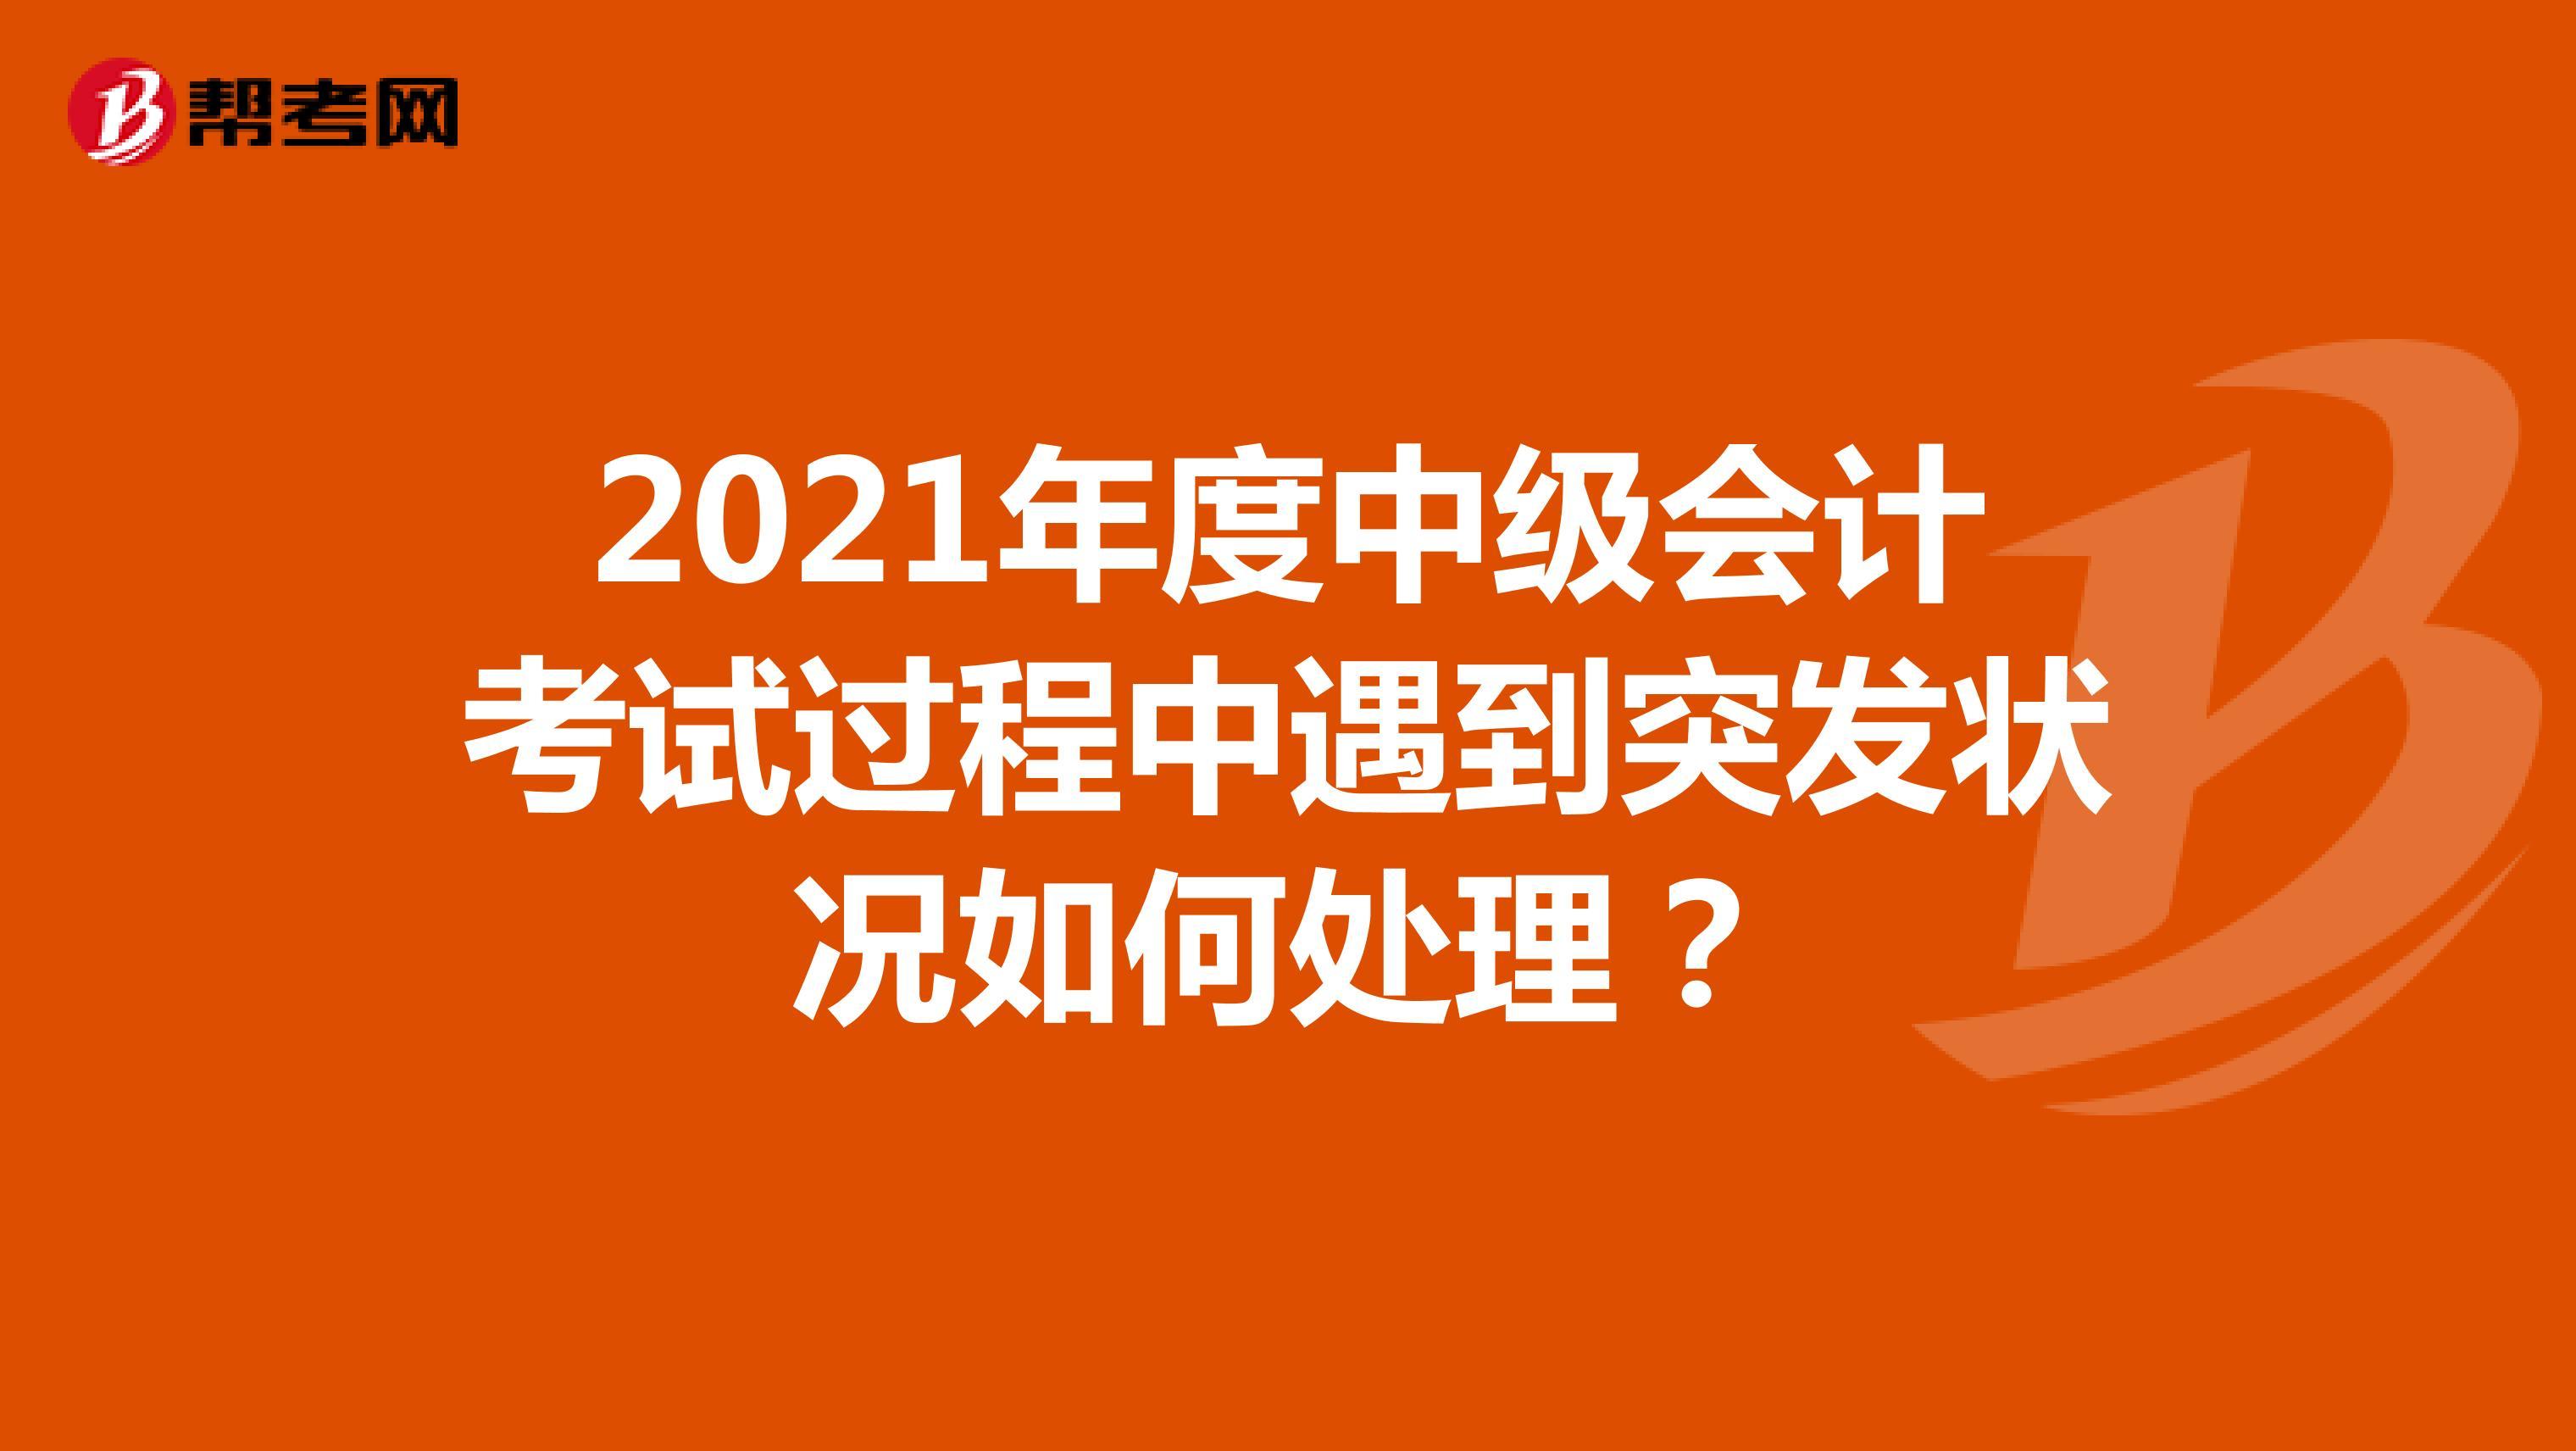 2021年度中级会计Beplay官方过程中遇到突发状况如何处理?